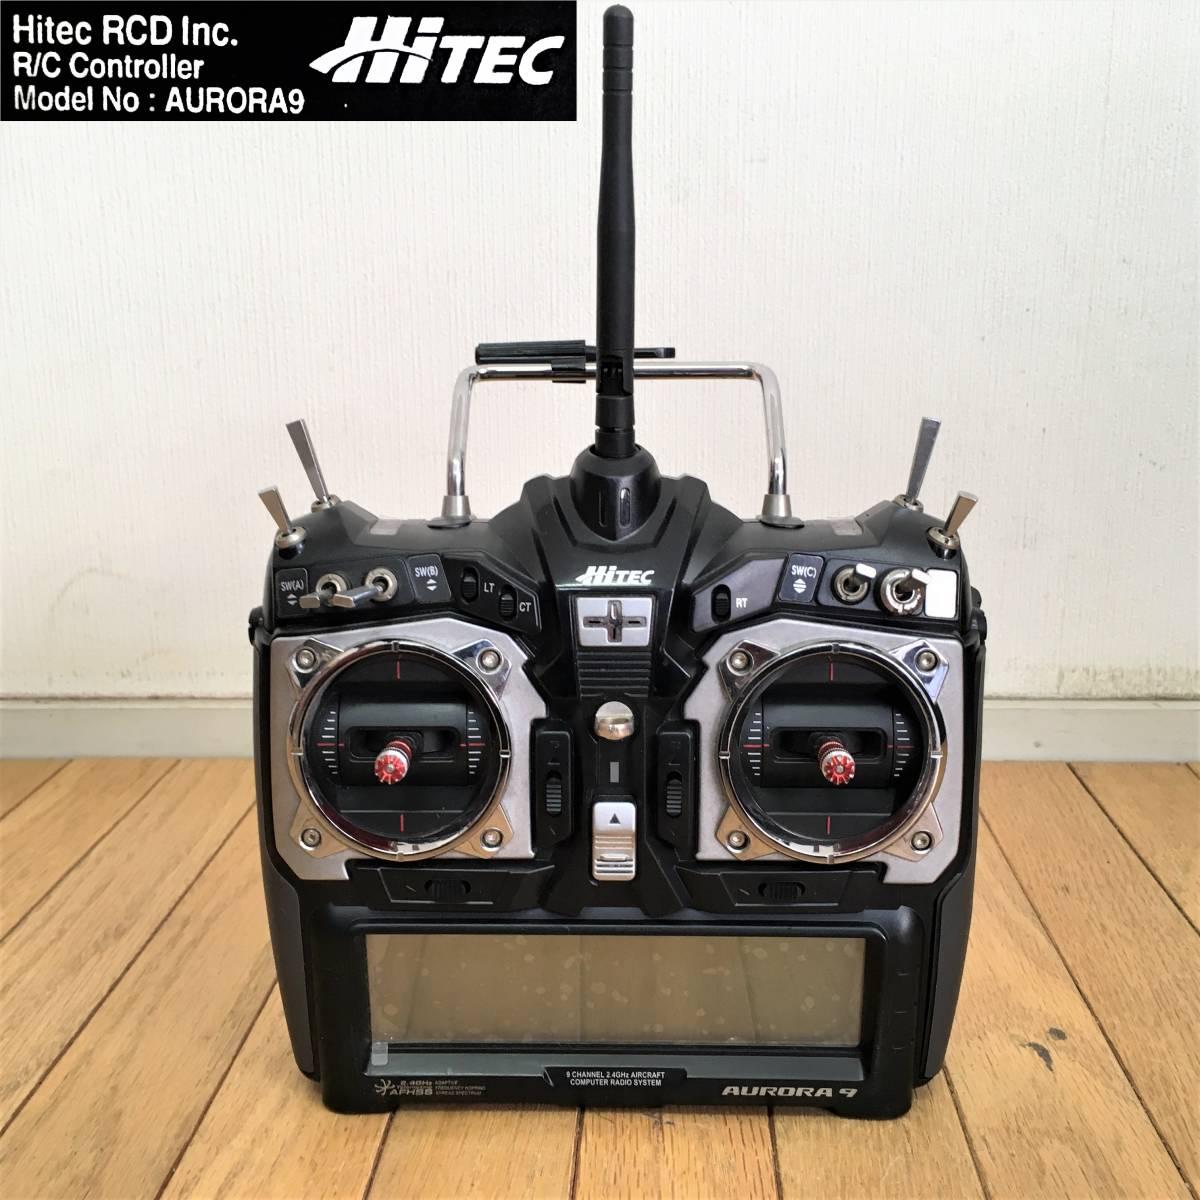 ハイテック/プロポ/AURORA9/ジャンク/HITEC/オーロラ9/2.4GHz/送信機/ラジコン/玩具_画像1